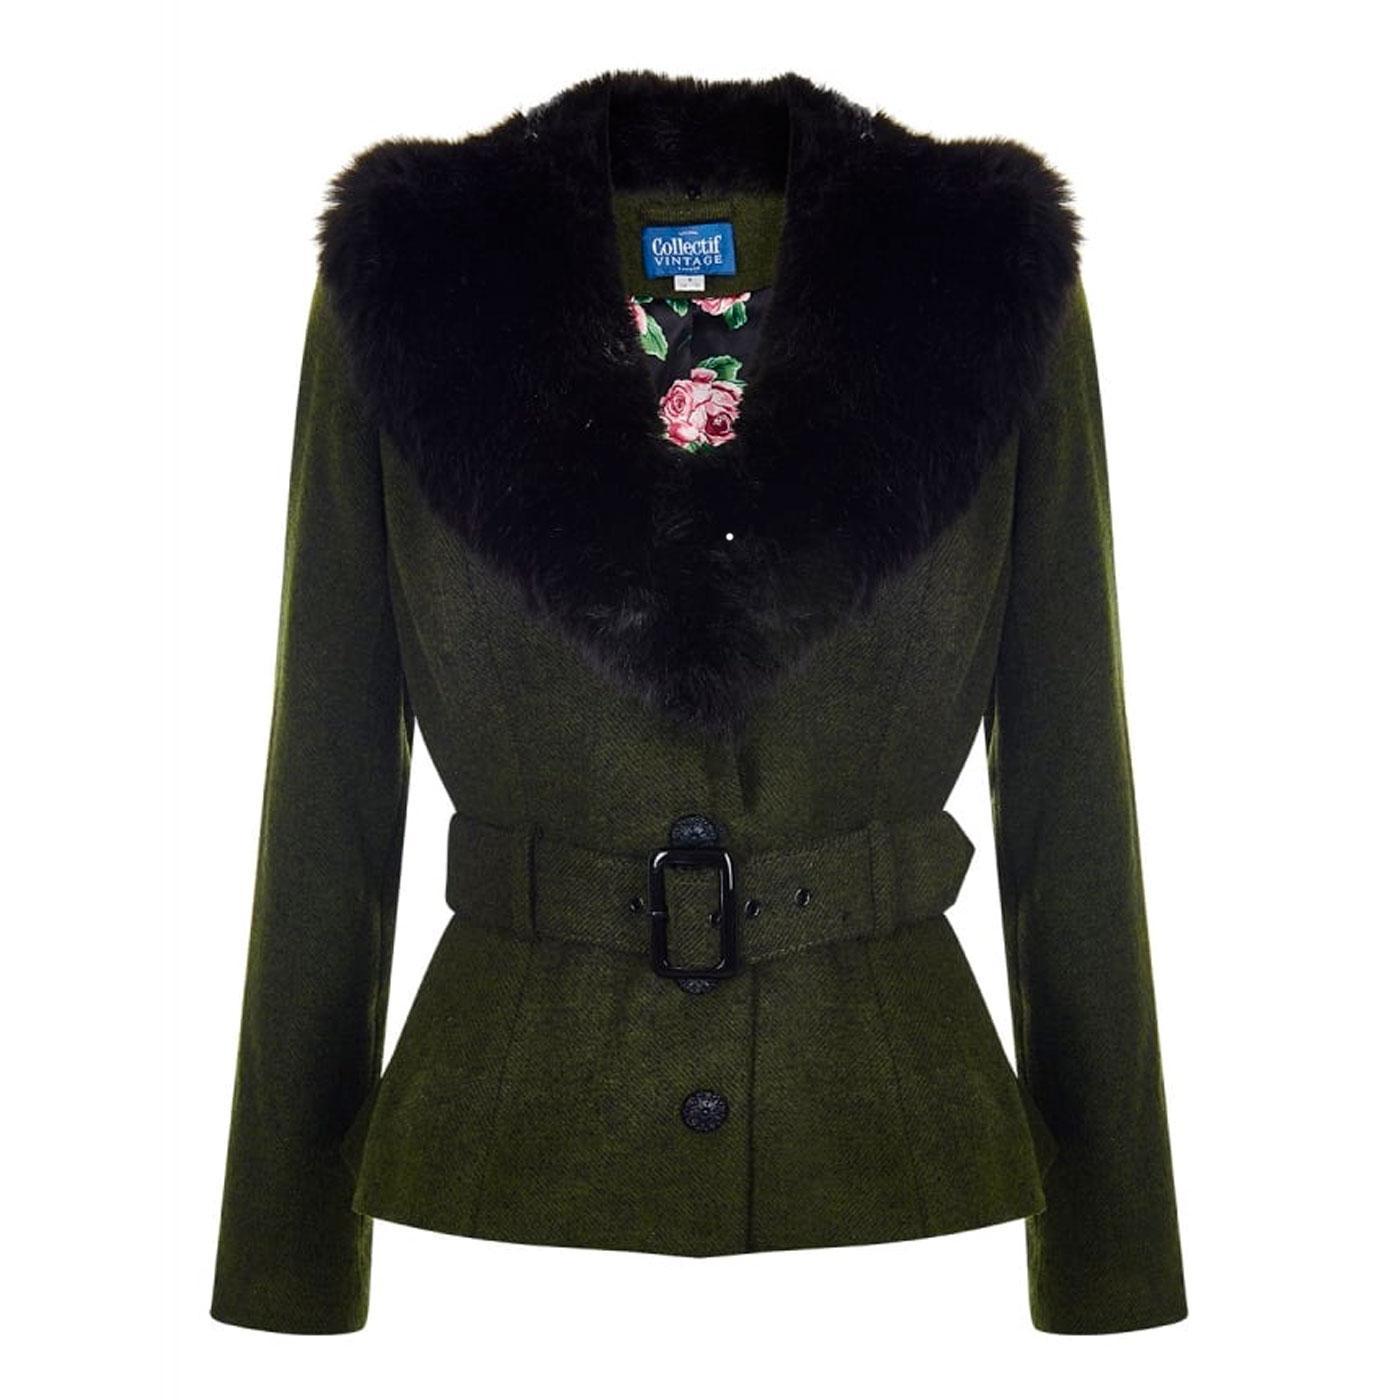 Molly COLLECTIF Vintage Faux Fur Collar Jacket OG